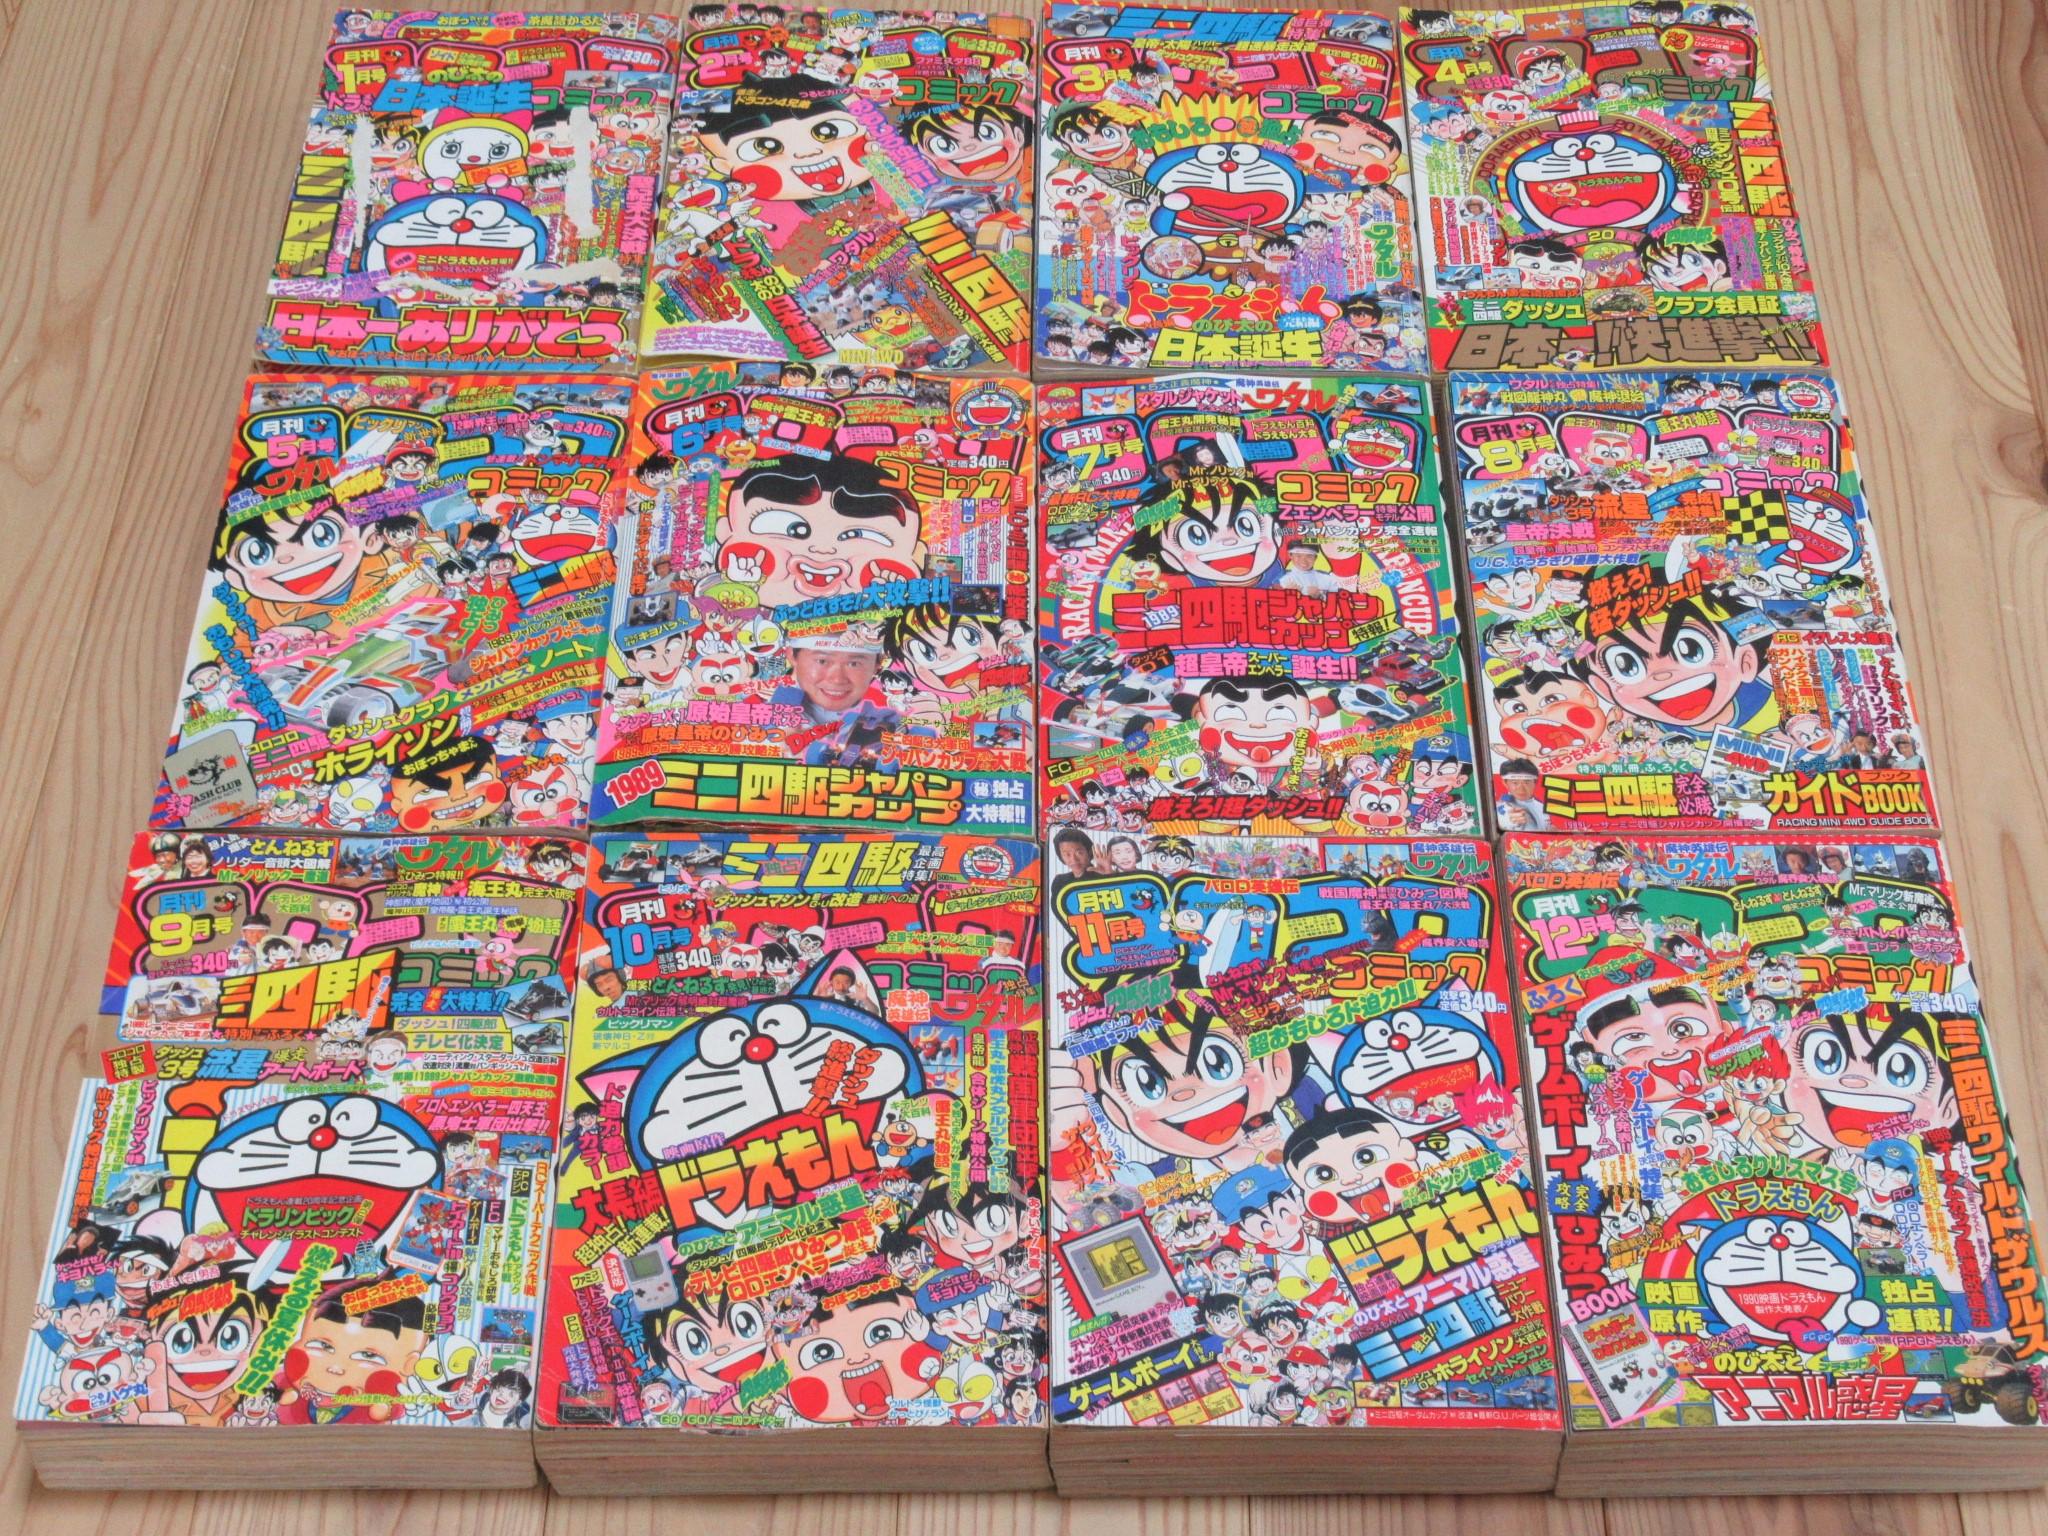 1989年 コロコロコミック買取